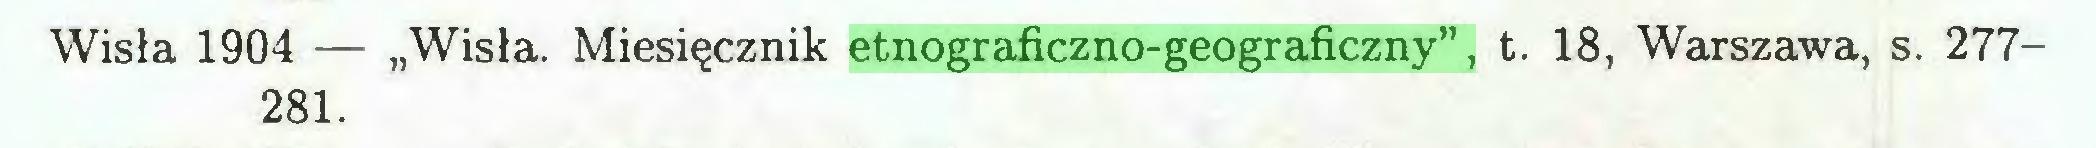 """(...) Wisła 1904 — """"Wisła. Miesięcznik etnograficzno-geograficzny"""", t. 18, Warszawa, s. 277281..."""